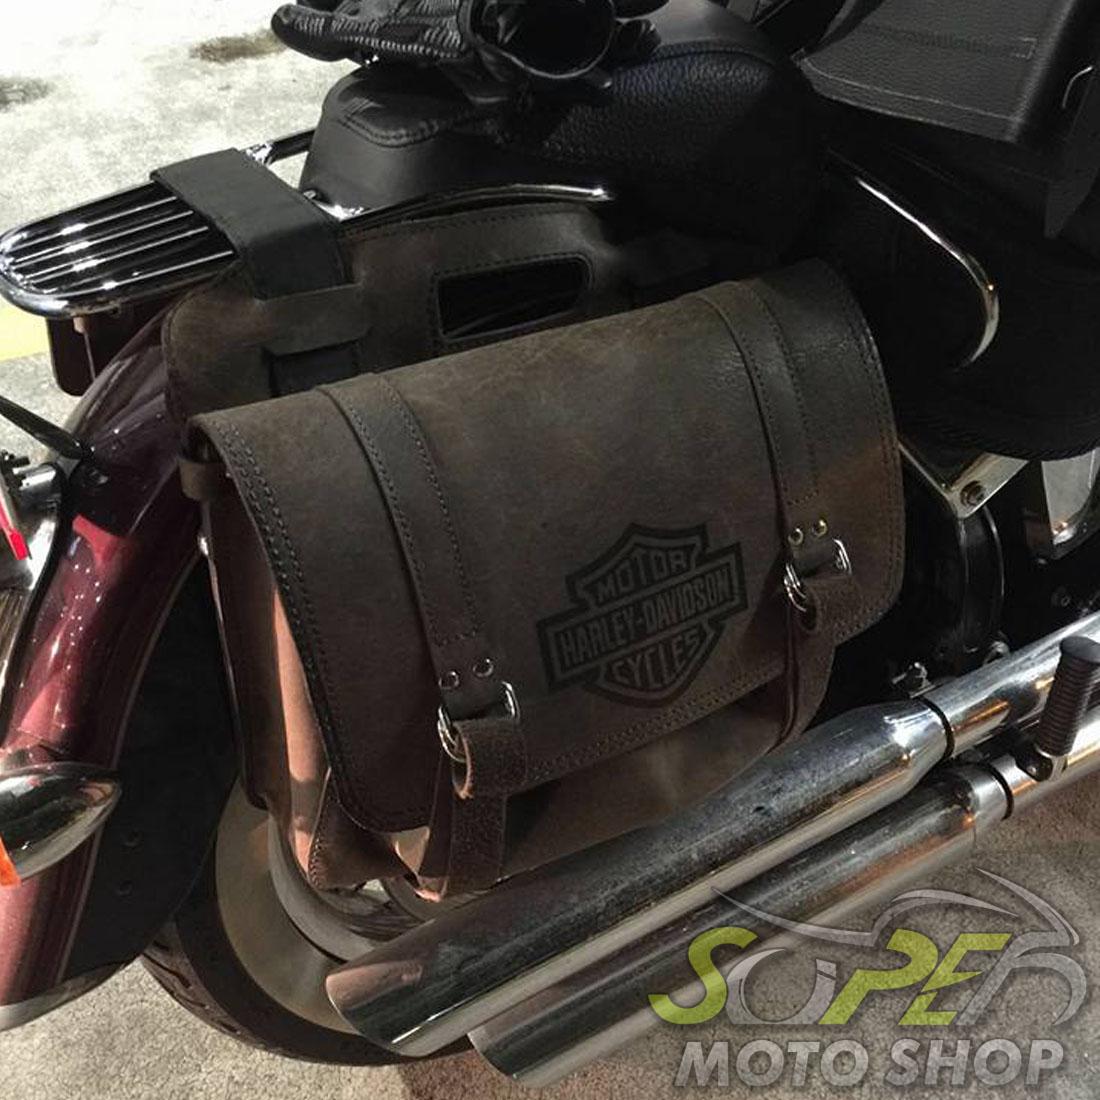 Alforges / Bolsas Laterais (PAR) Rider's Classic em Couro Modelo Grande com Gravação ( Malas Laterais de Garupa )- Universal